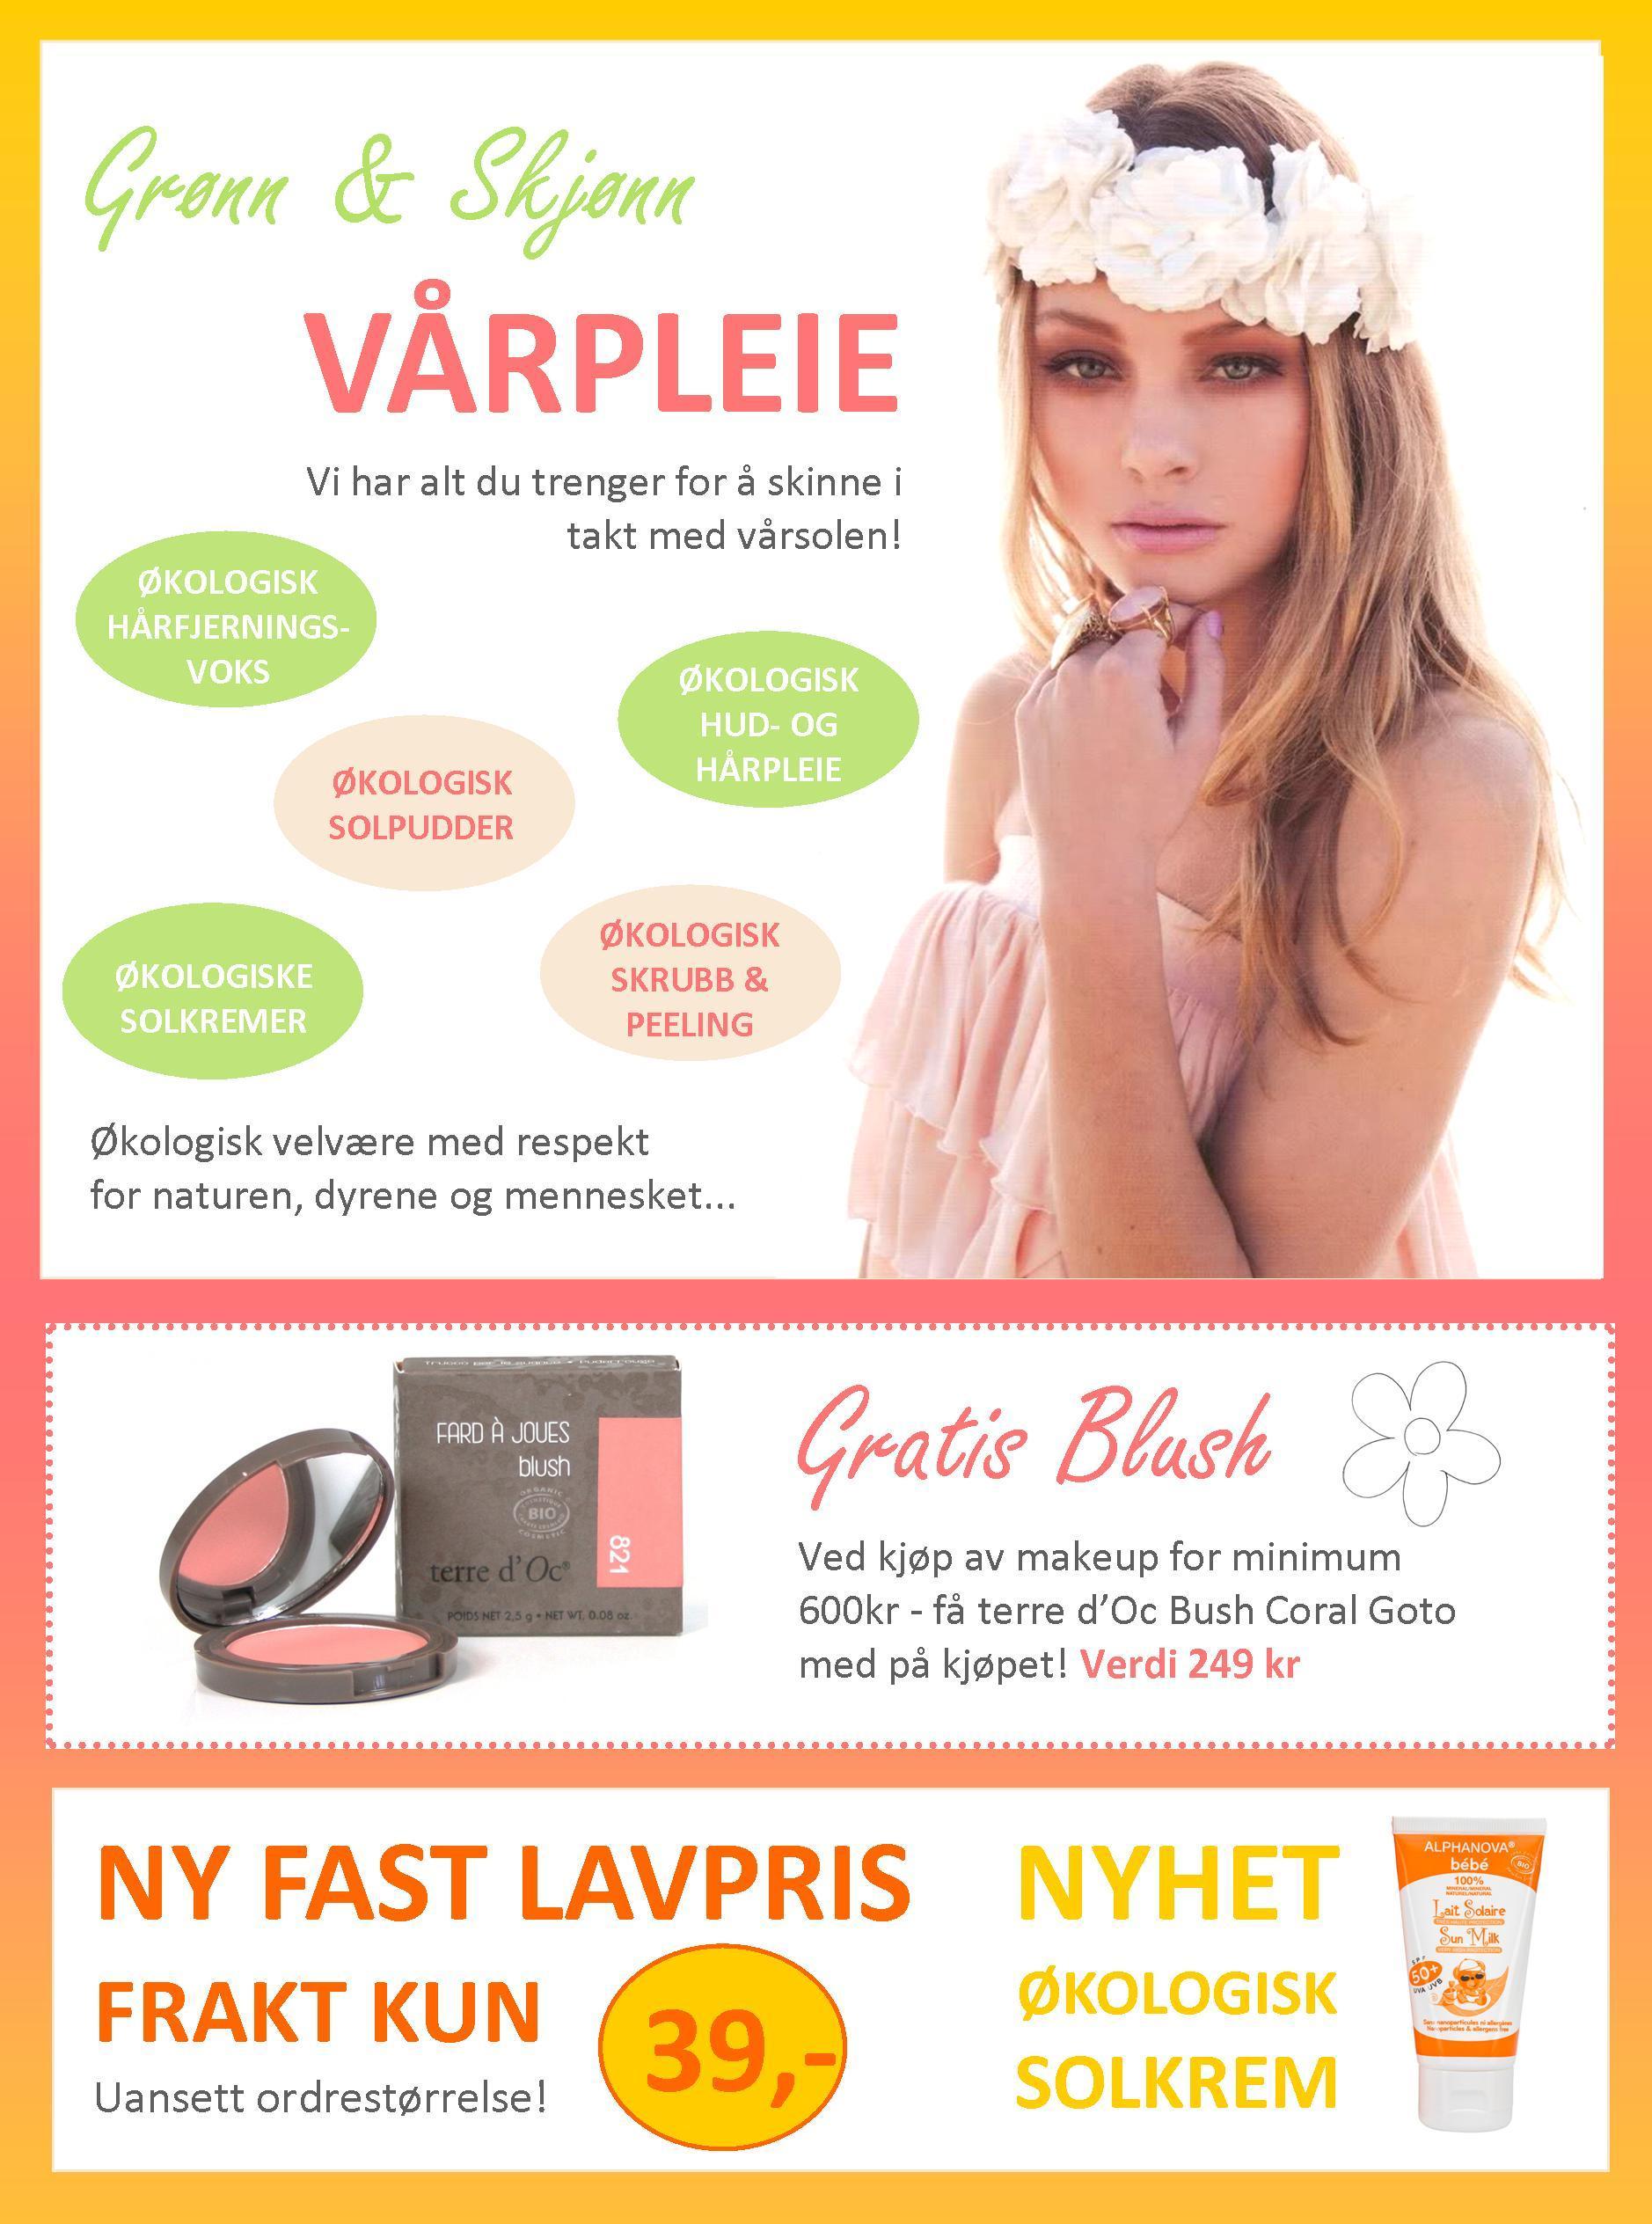 Grønn & Skjønn vårpleie og gratis blush!